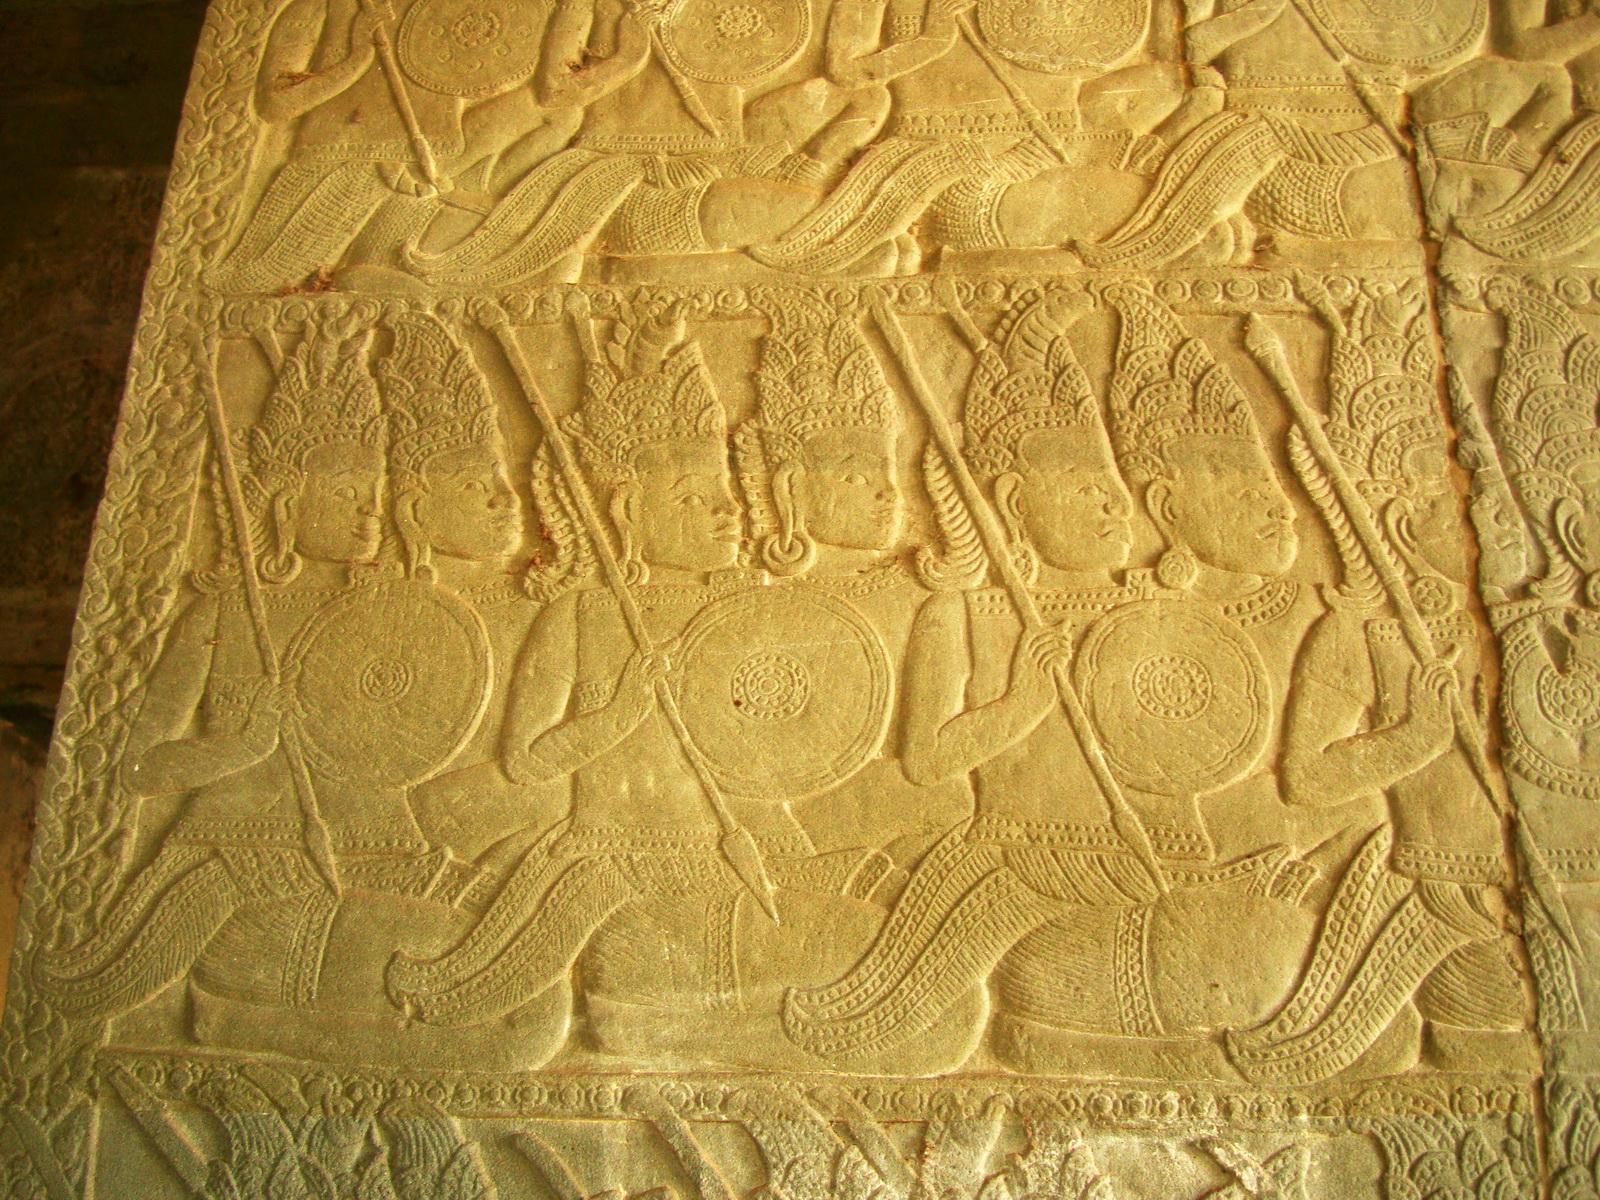 Angkor Wat Bas relief N Gallery W Wing Battle of Devas and Asuras 11